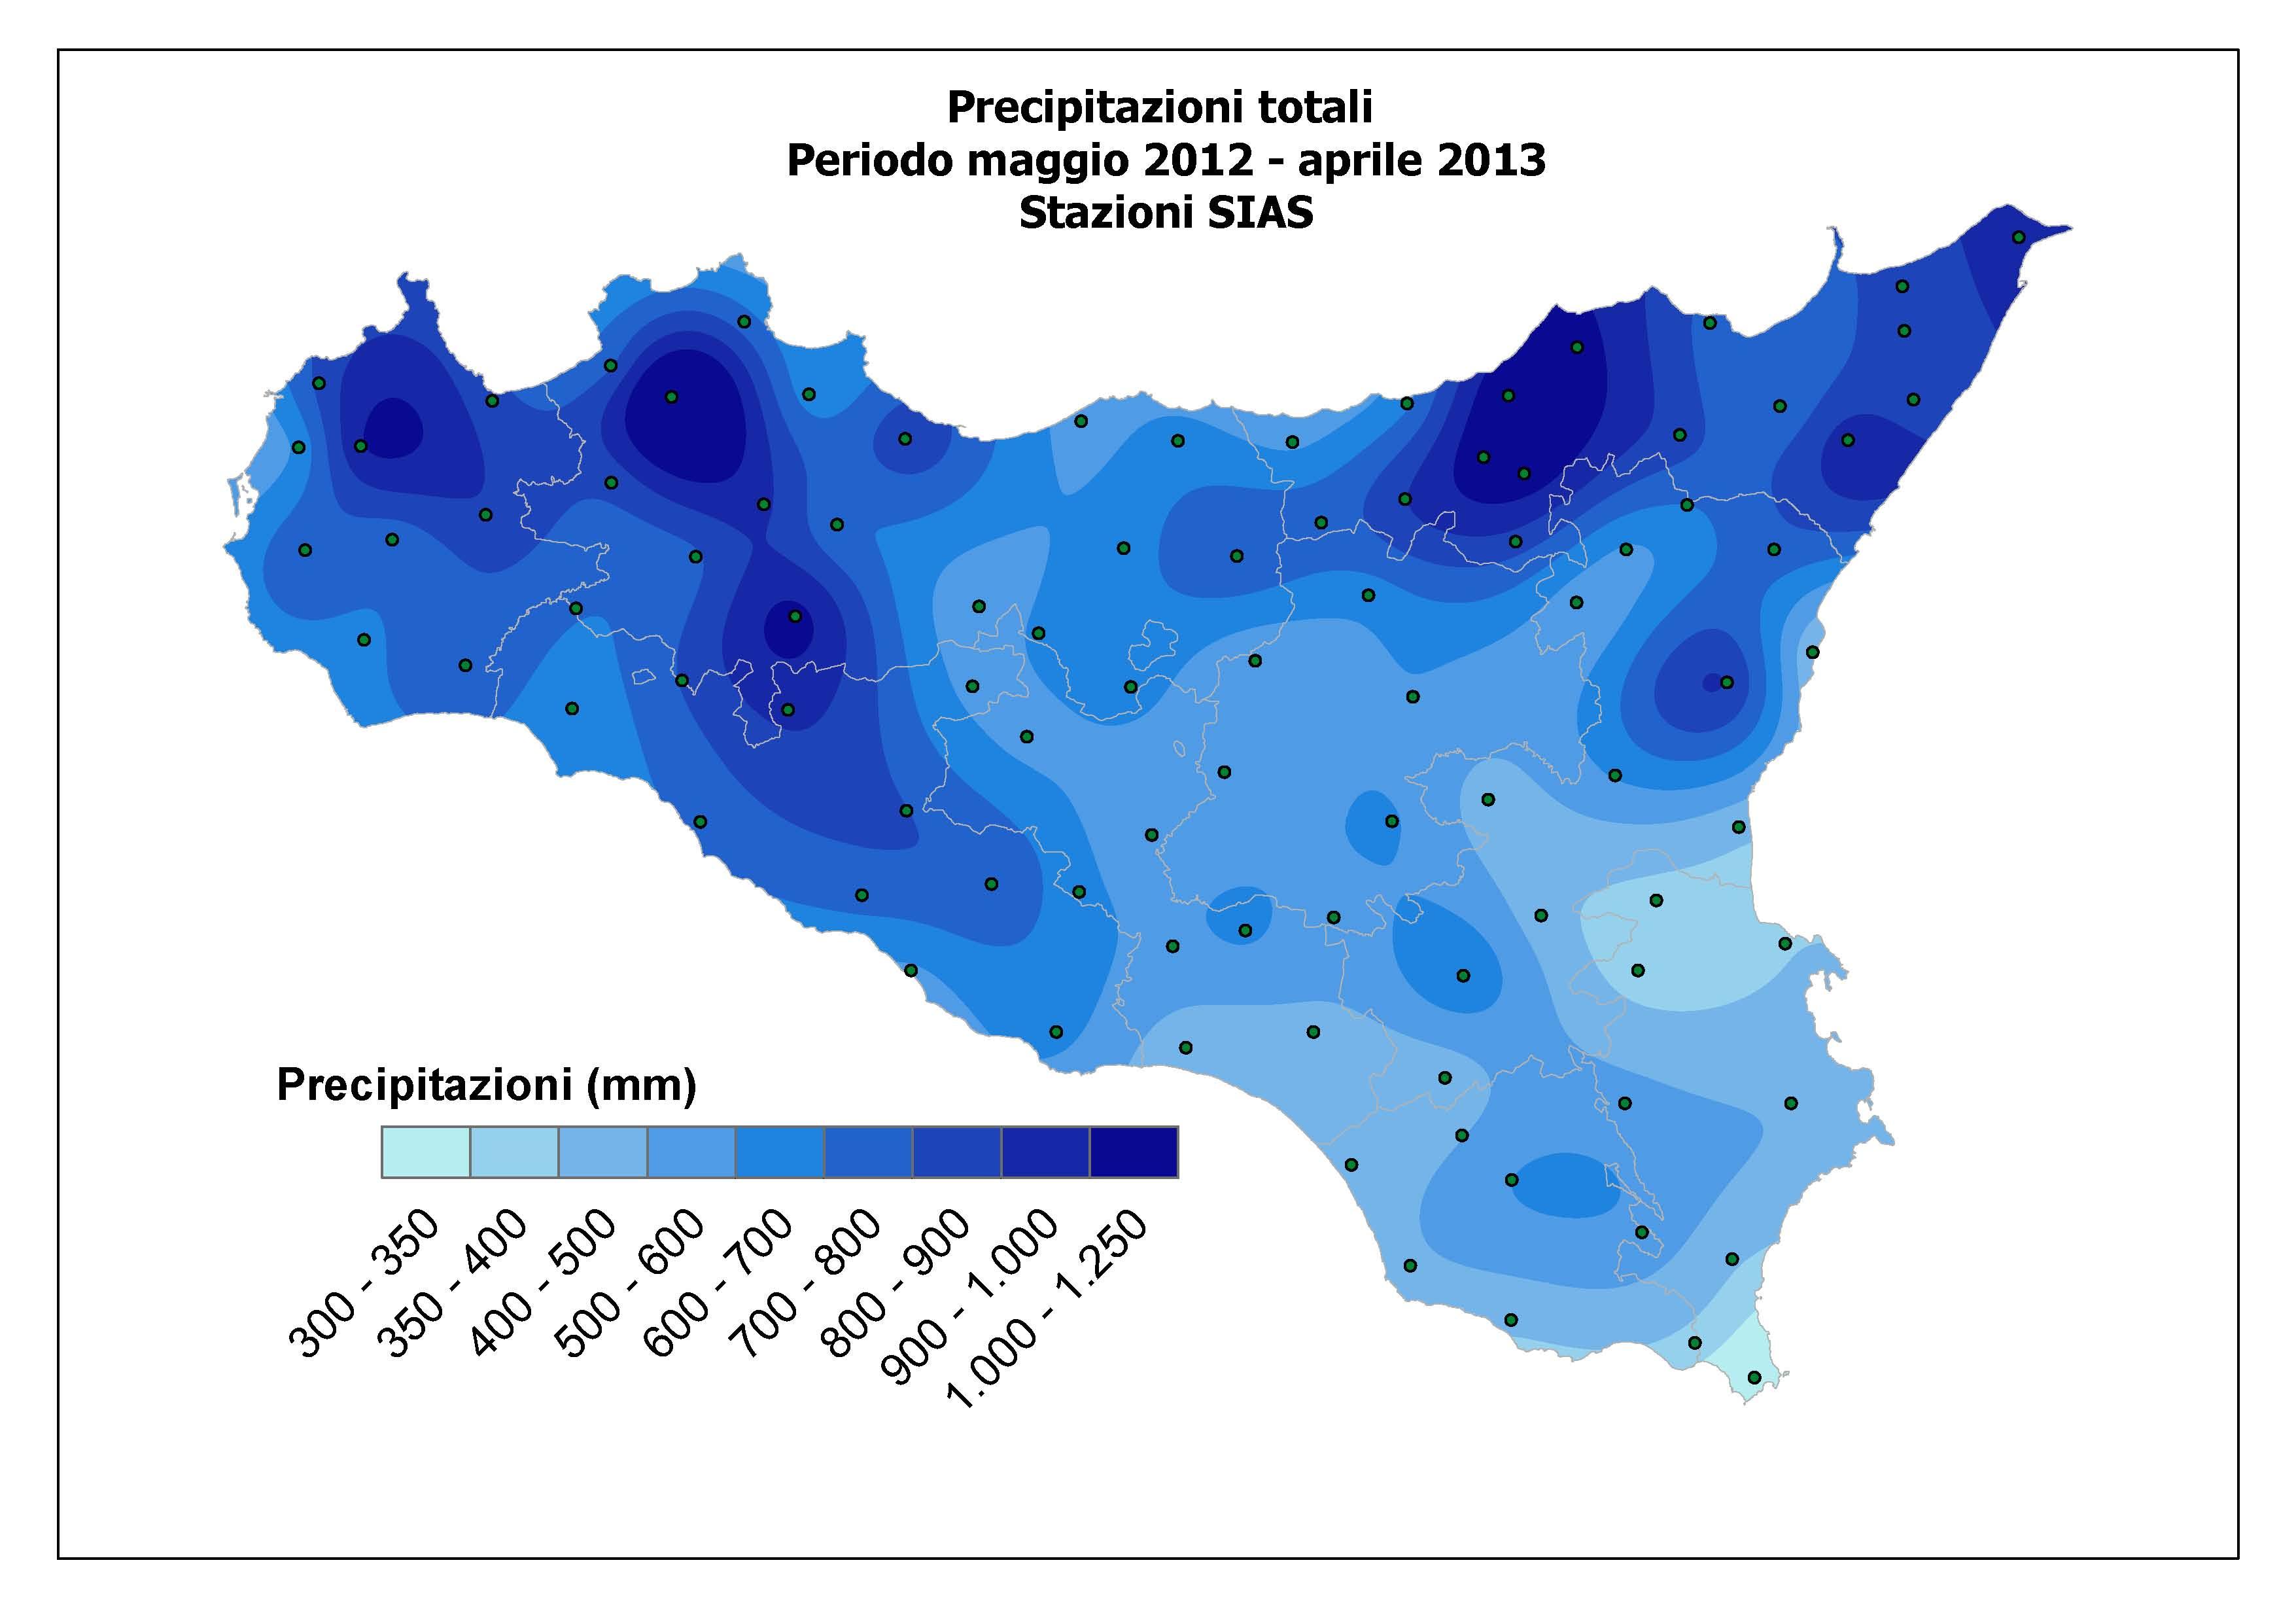 Siccit nellarea orientale mappe e dati dellultimo anno live sicilia siccit nellarea orientale mappe e dati dellultimo anno altavistaventures Gallery